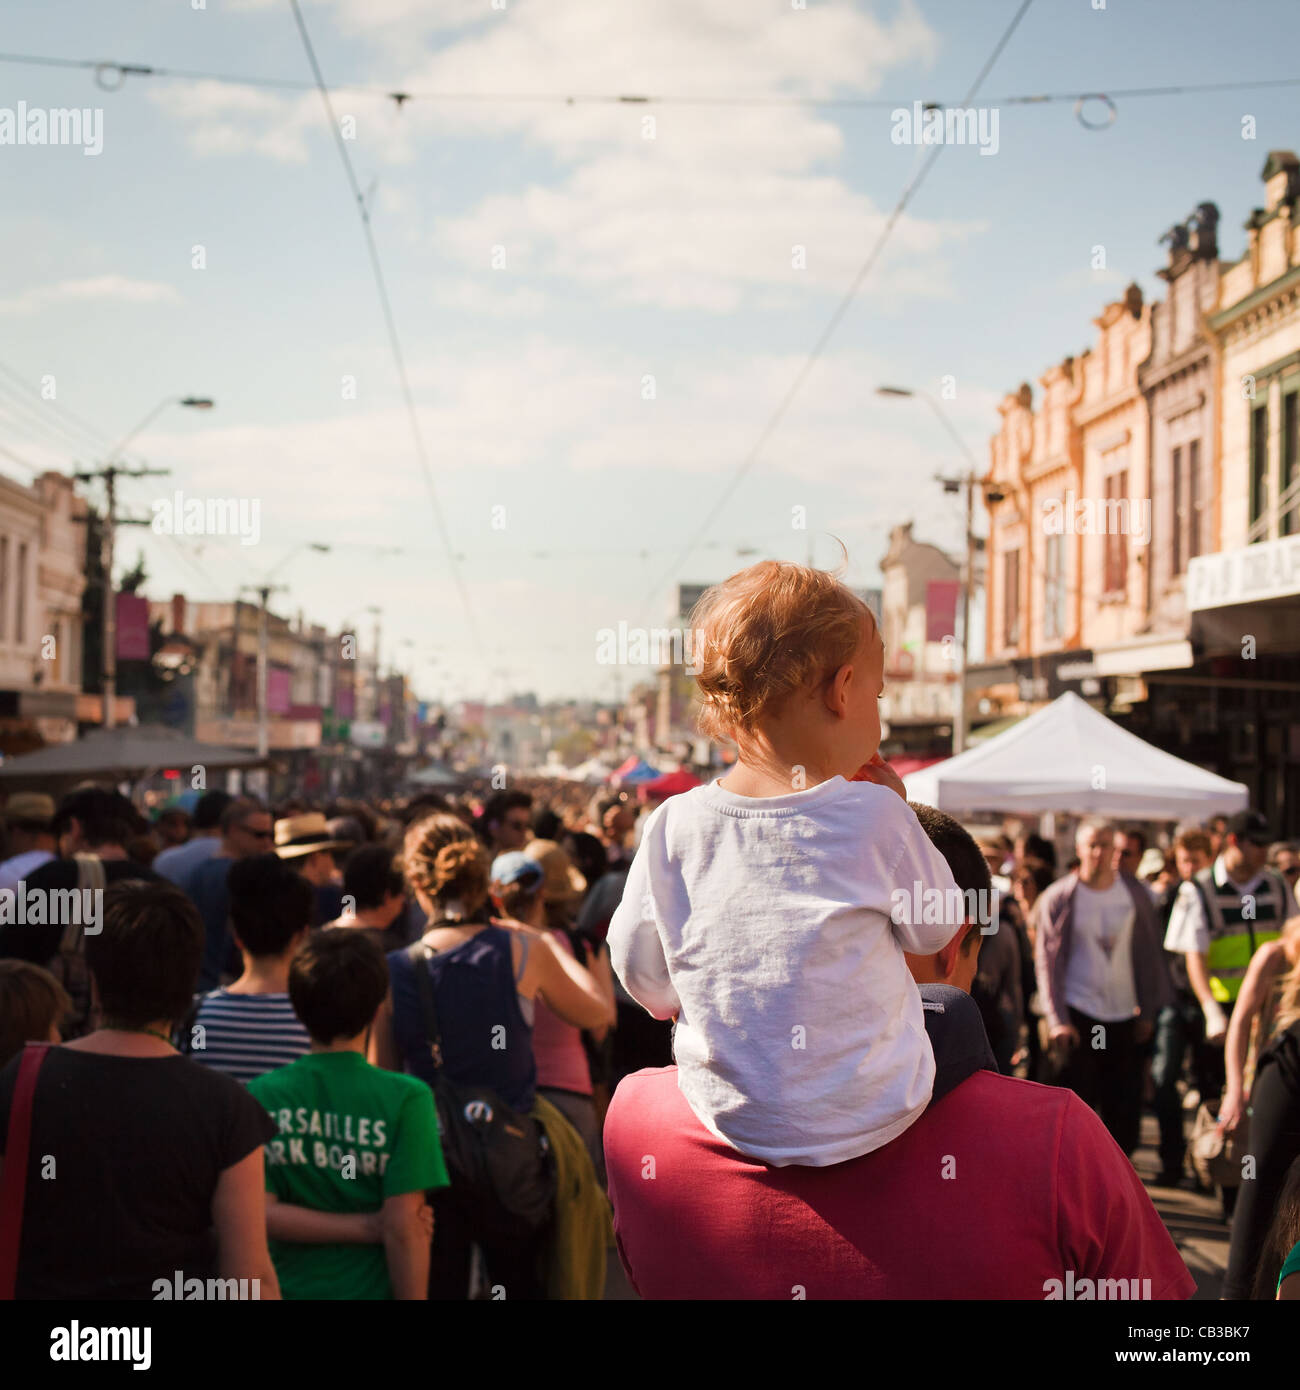 High Noon Gemeinschaft Festival ist ein lokales Musikfestival in Melbourne, Australien Kind ein Schweinchen bekommt Stockfoto